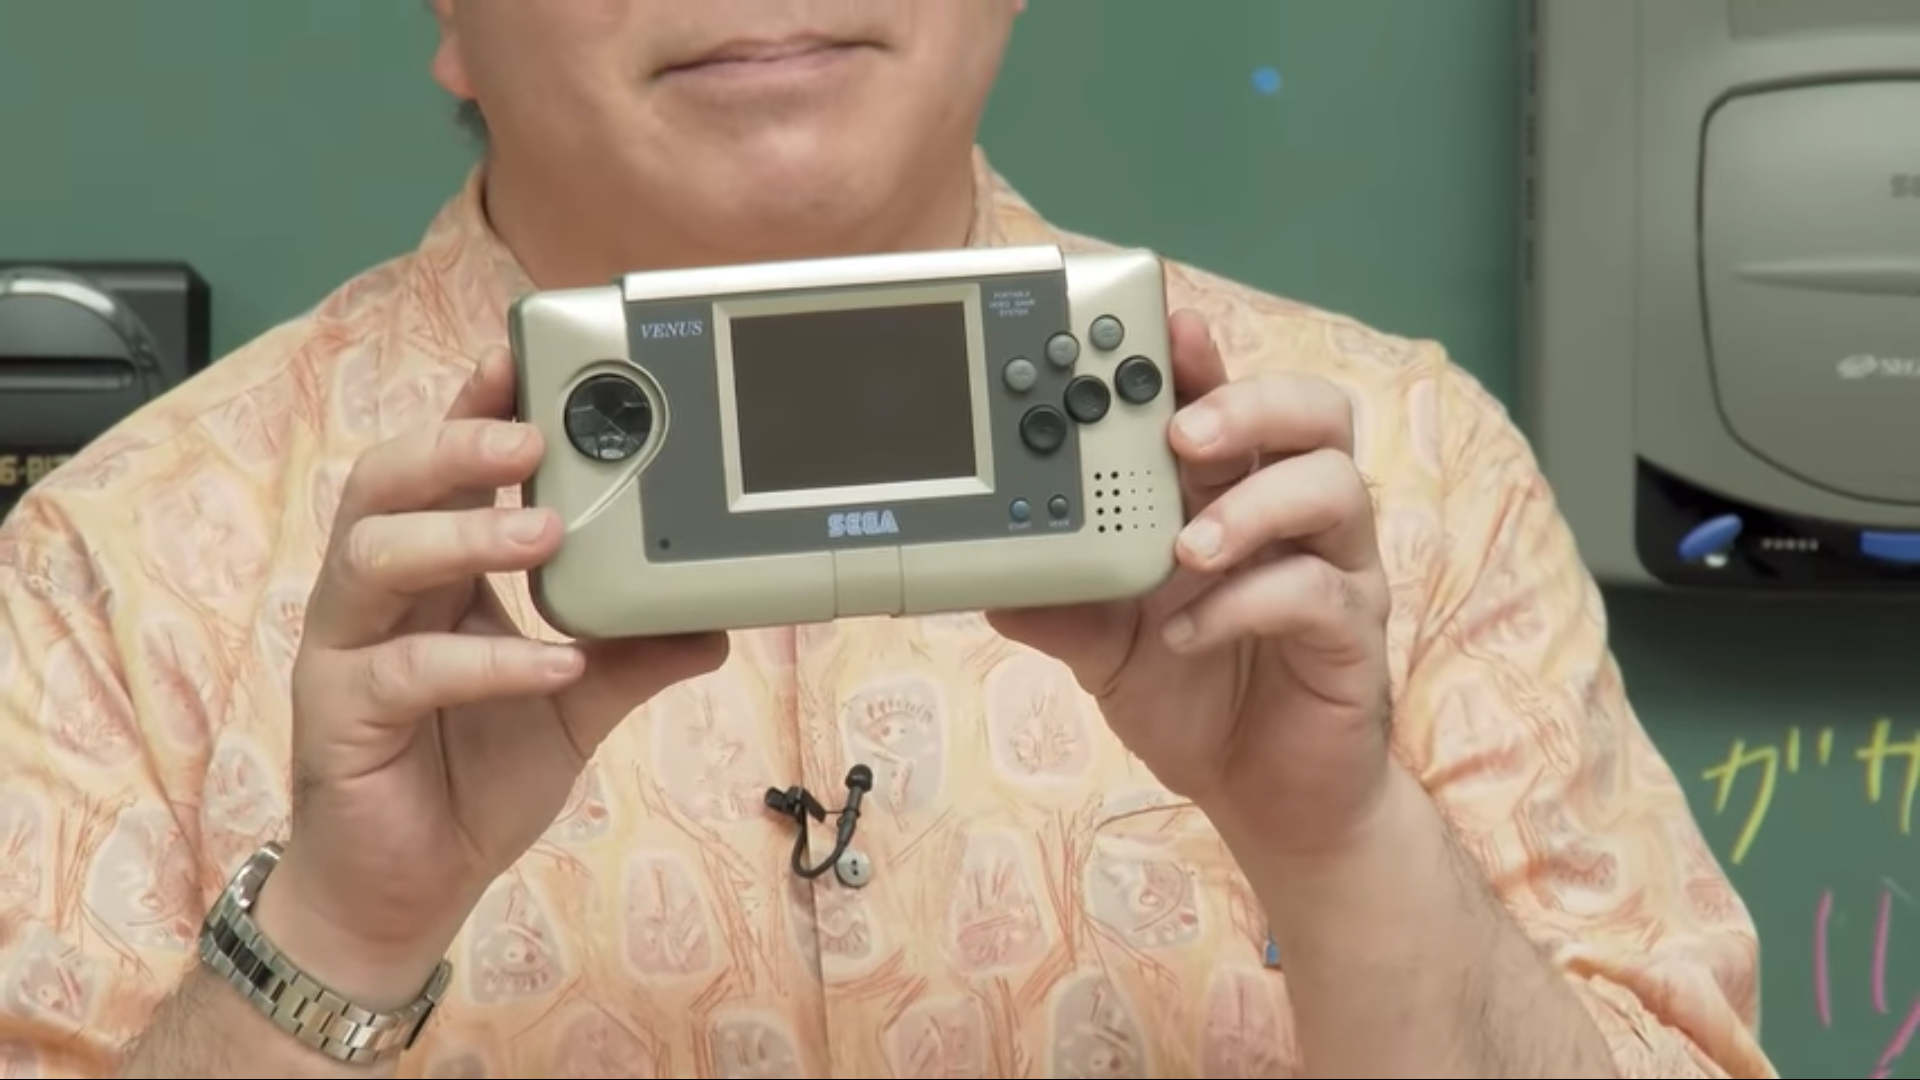 Close up of Hiroyuki Miyazaki's hands holding the Sega Venus handheld prototype